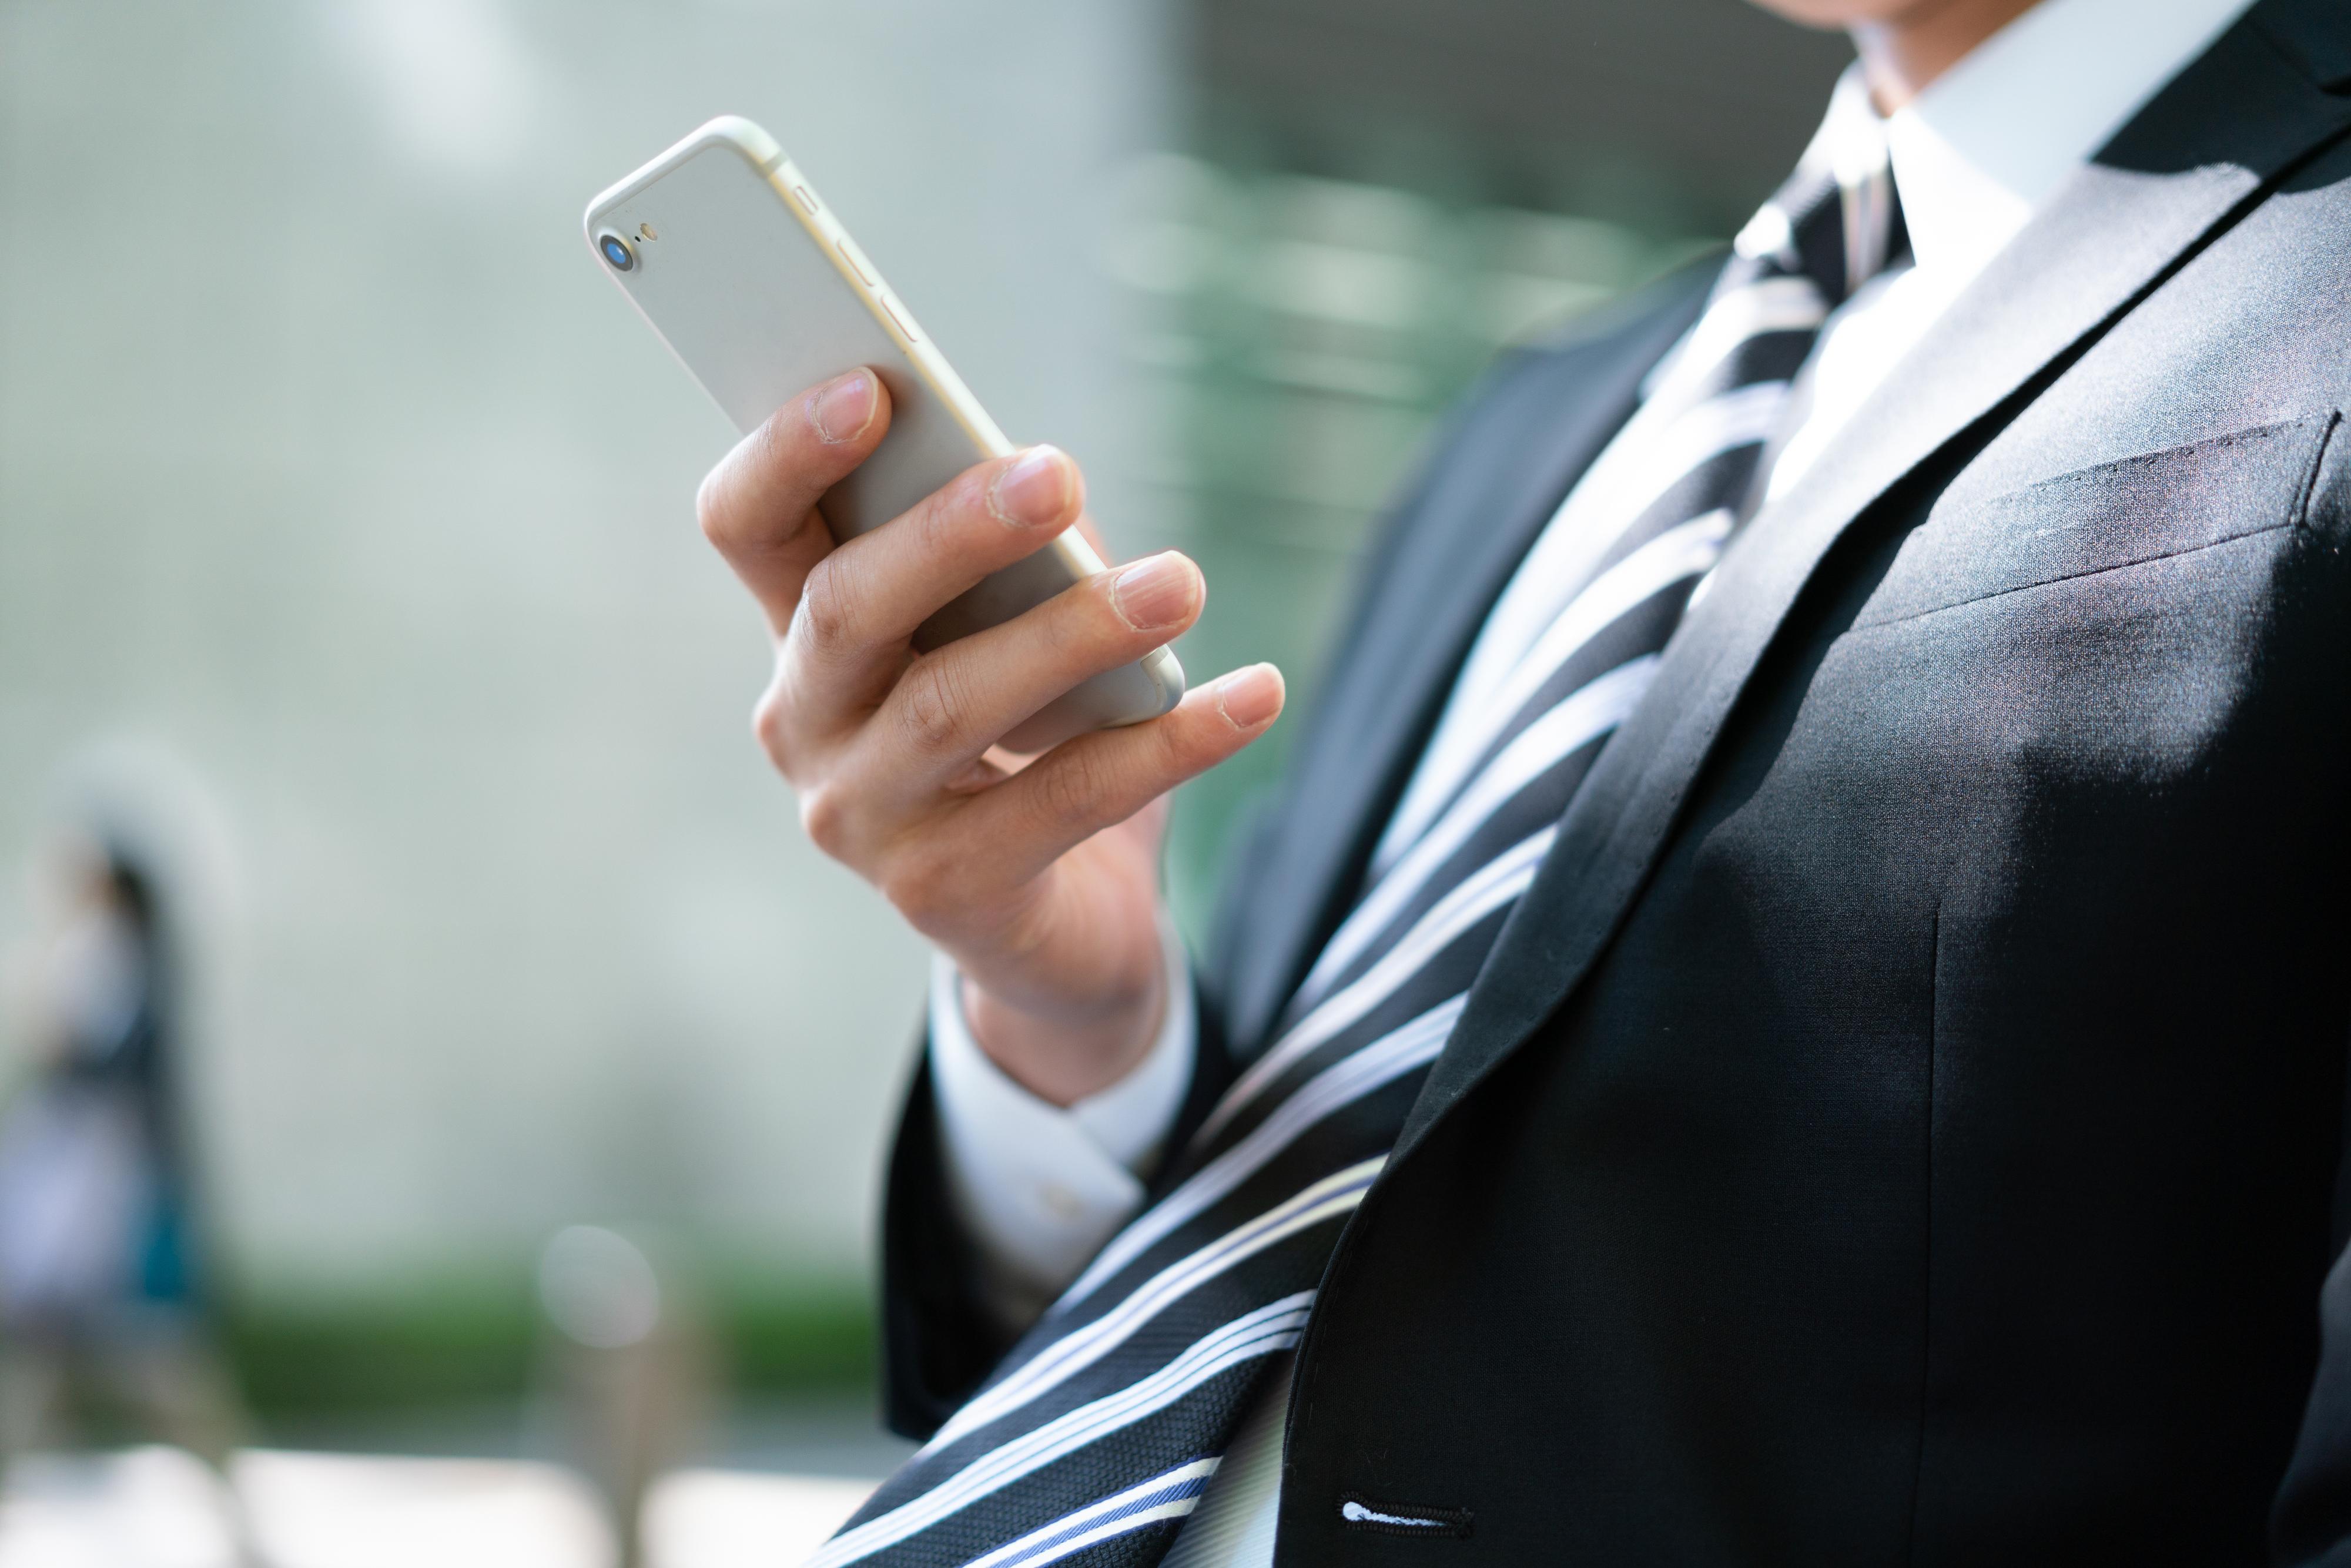 ビジネスローンで良くある質問10選(事業融資でよくあるQ&A)